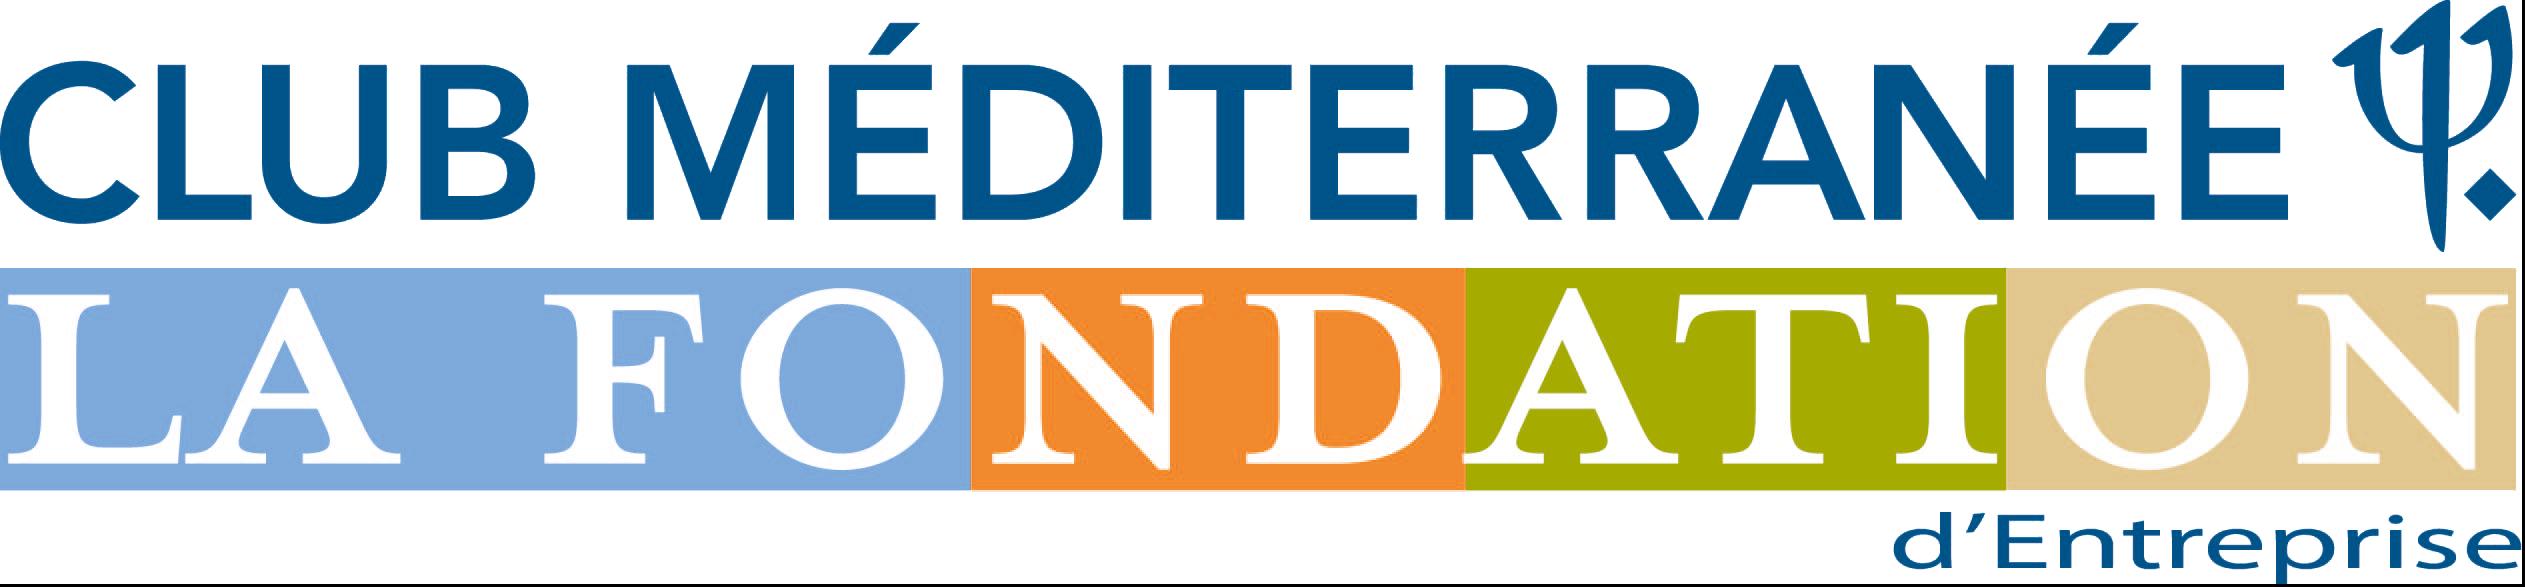 Logo-Fondation-dEntreprise_New-charte.jpg